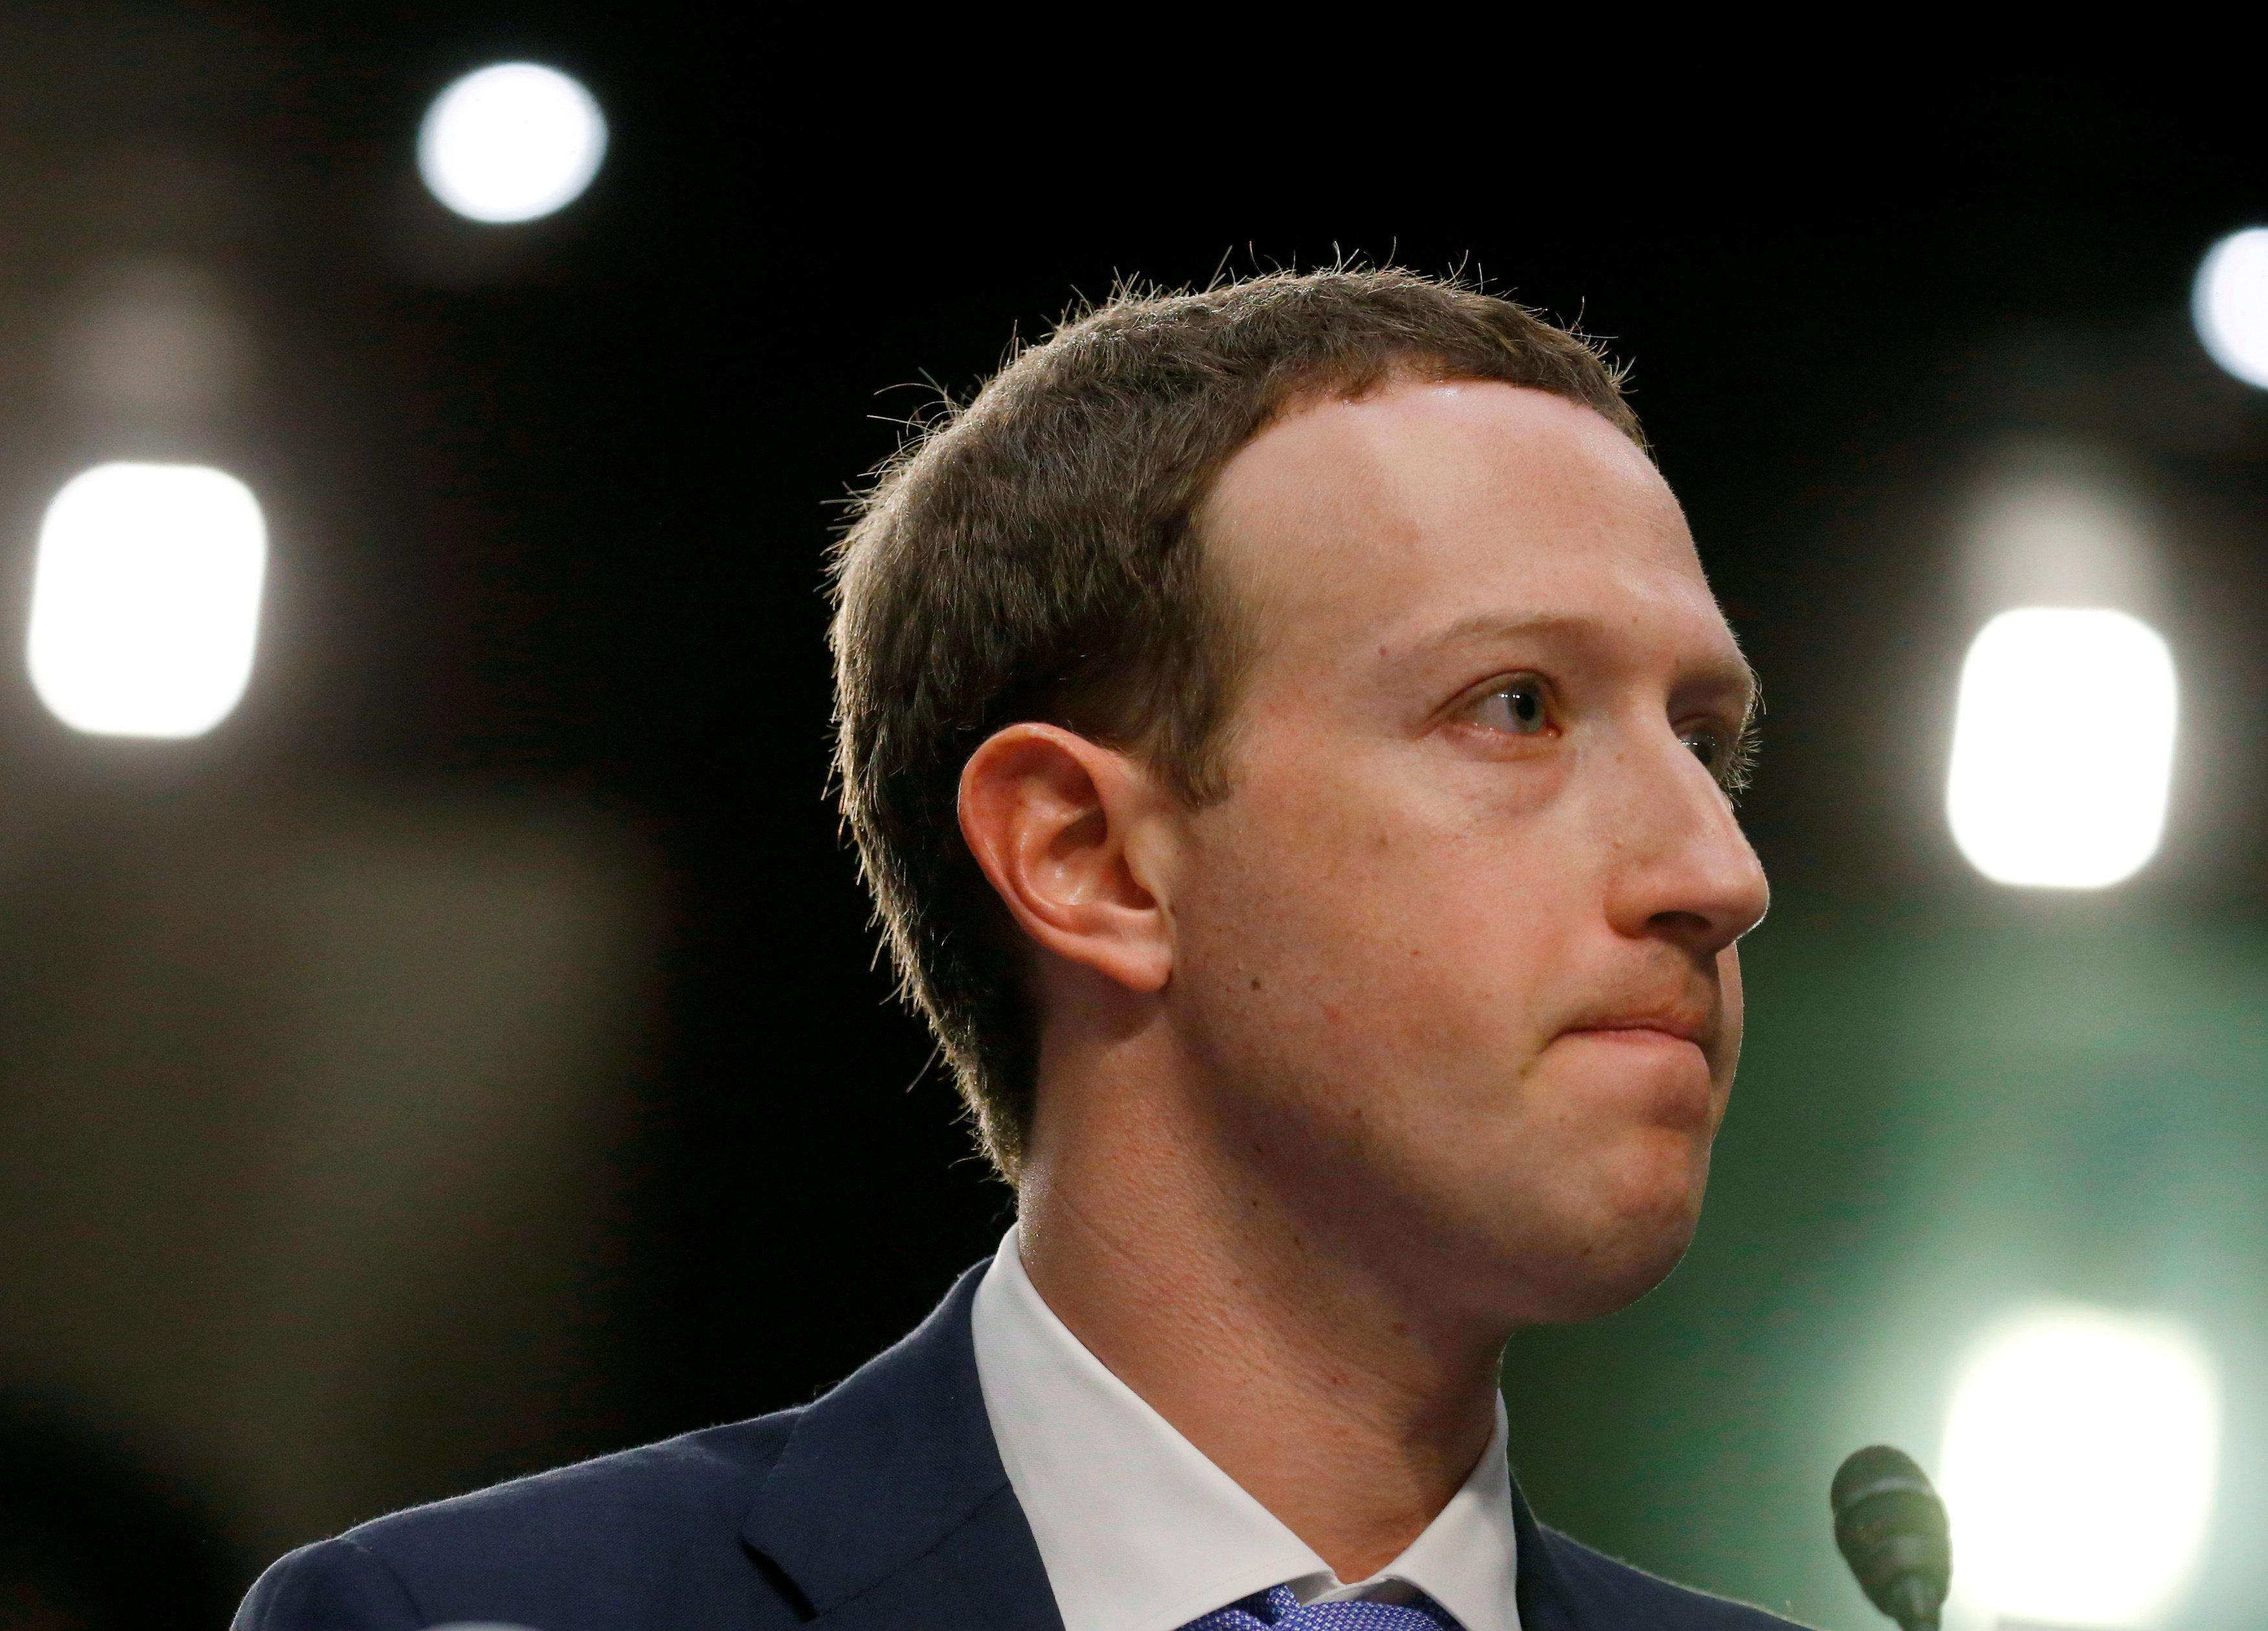 Στο Ευρωπαϊκό Κοινοβούλιο ο Mark Zuckerberg για τα προσωπικά